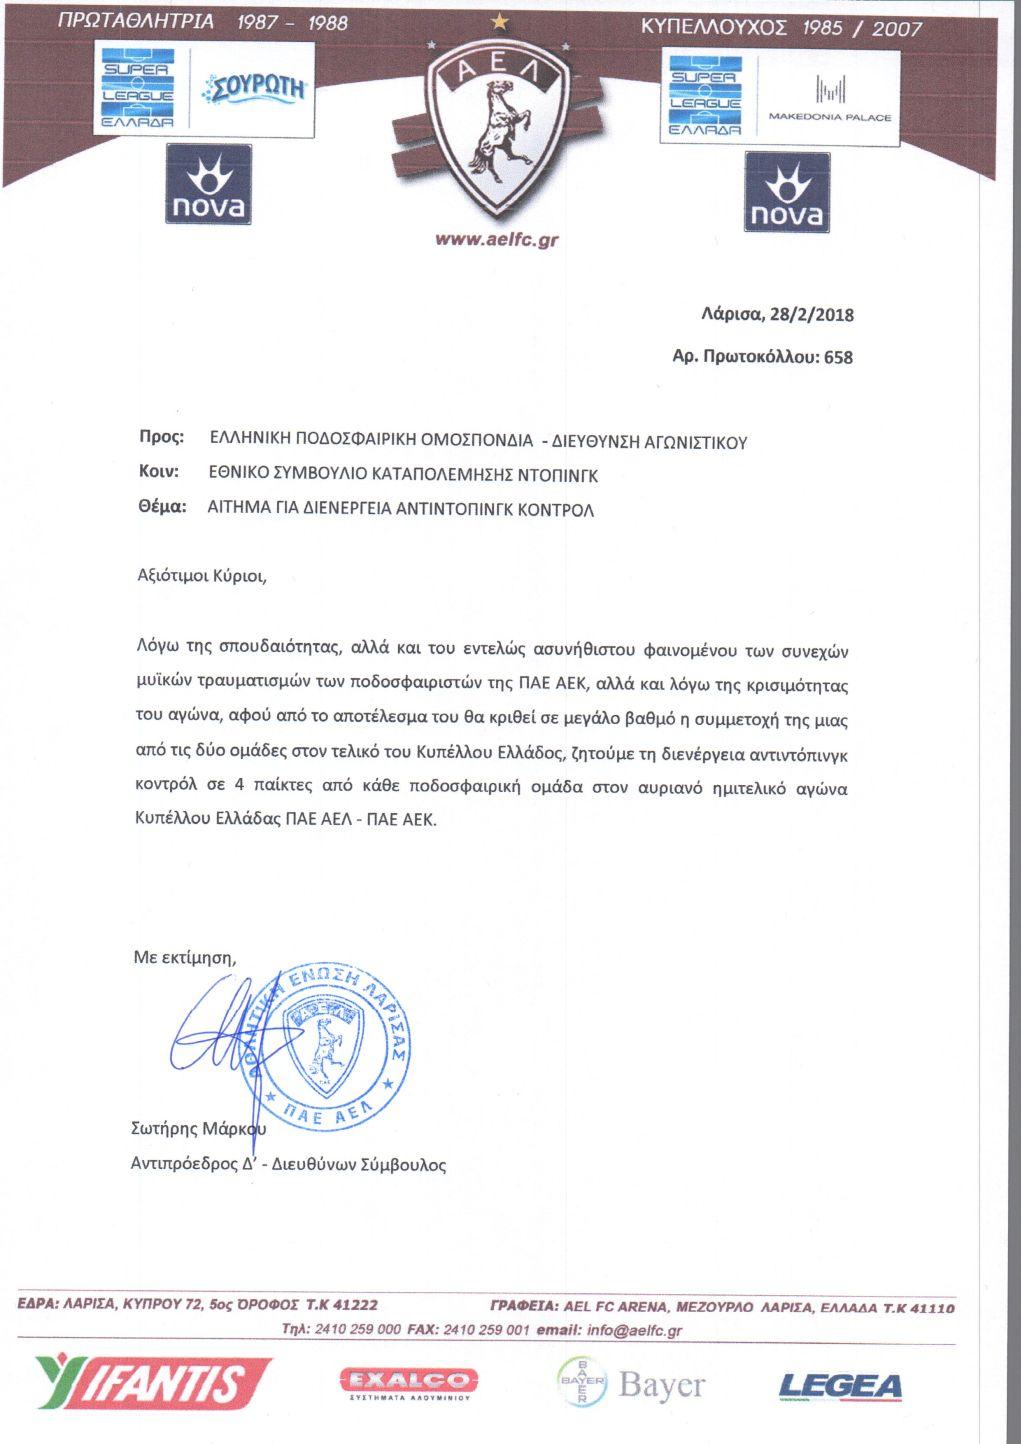 Αντιντόπινγκ κοντρόλ στον ημιτελικό με την ΑΕΚ ζητά η ΑΕΛ (pic)